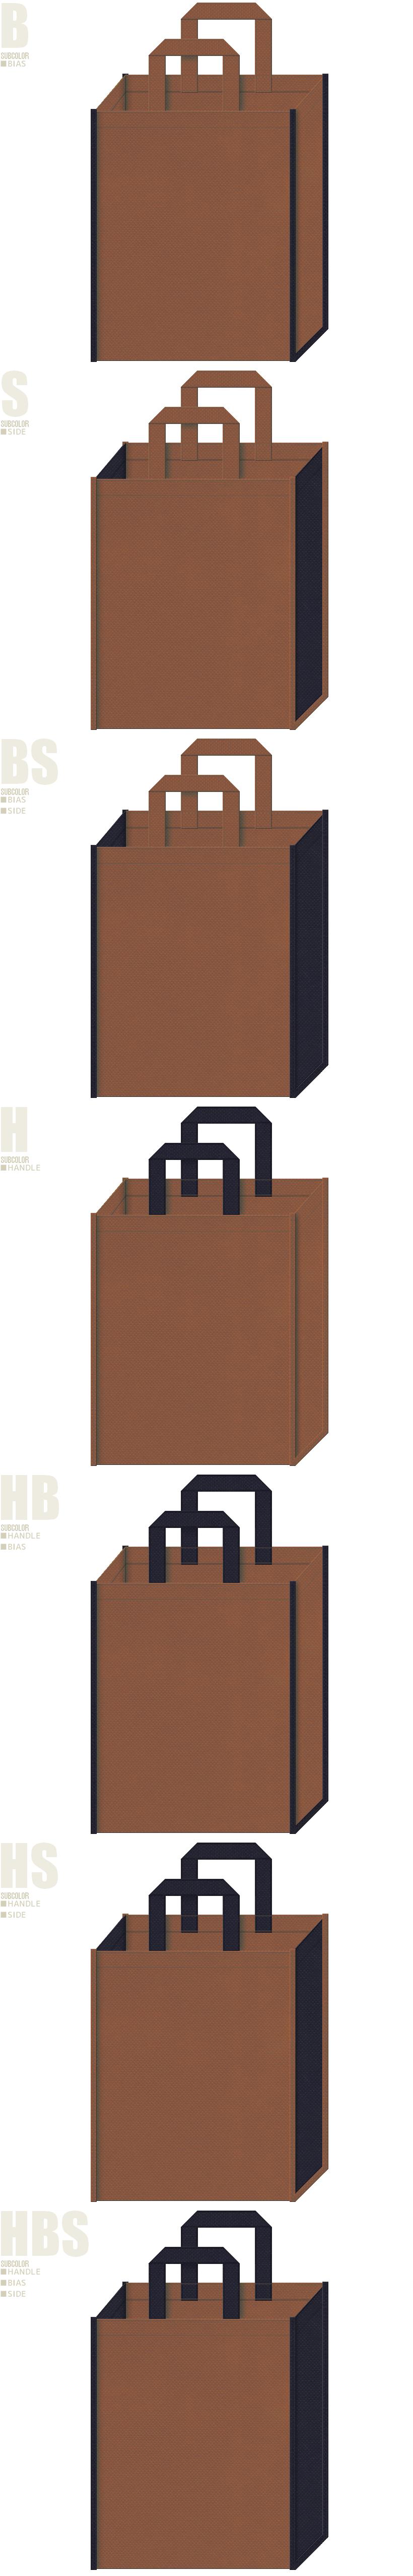 書店・書籍のバッグノベルティにお奨めです。茶色と濃紺色、7パターンの不織布トートバッグ配色デザイン例。